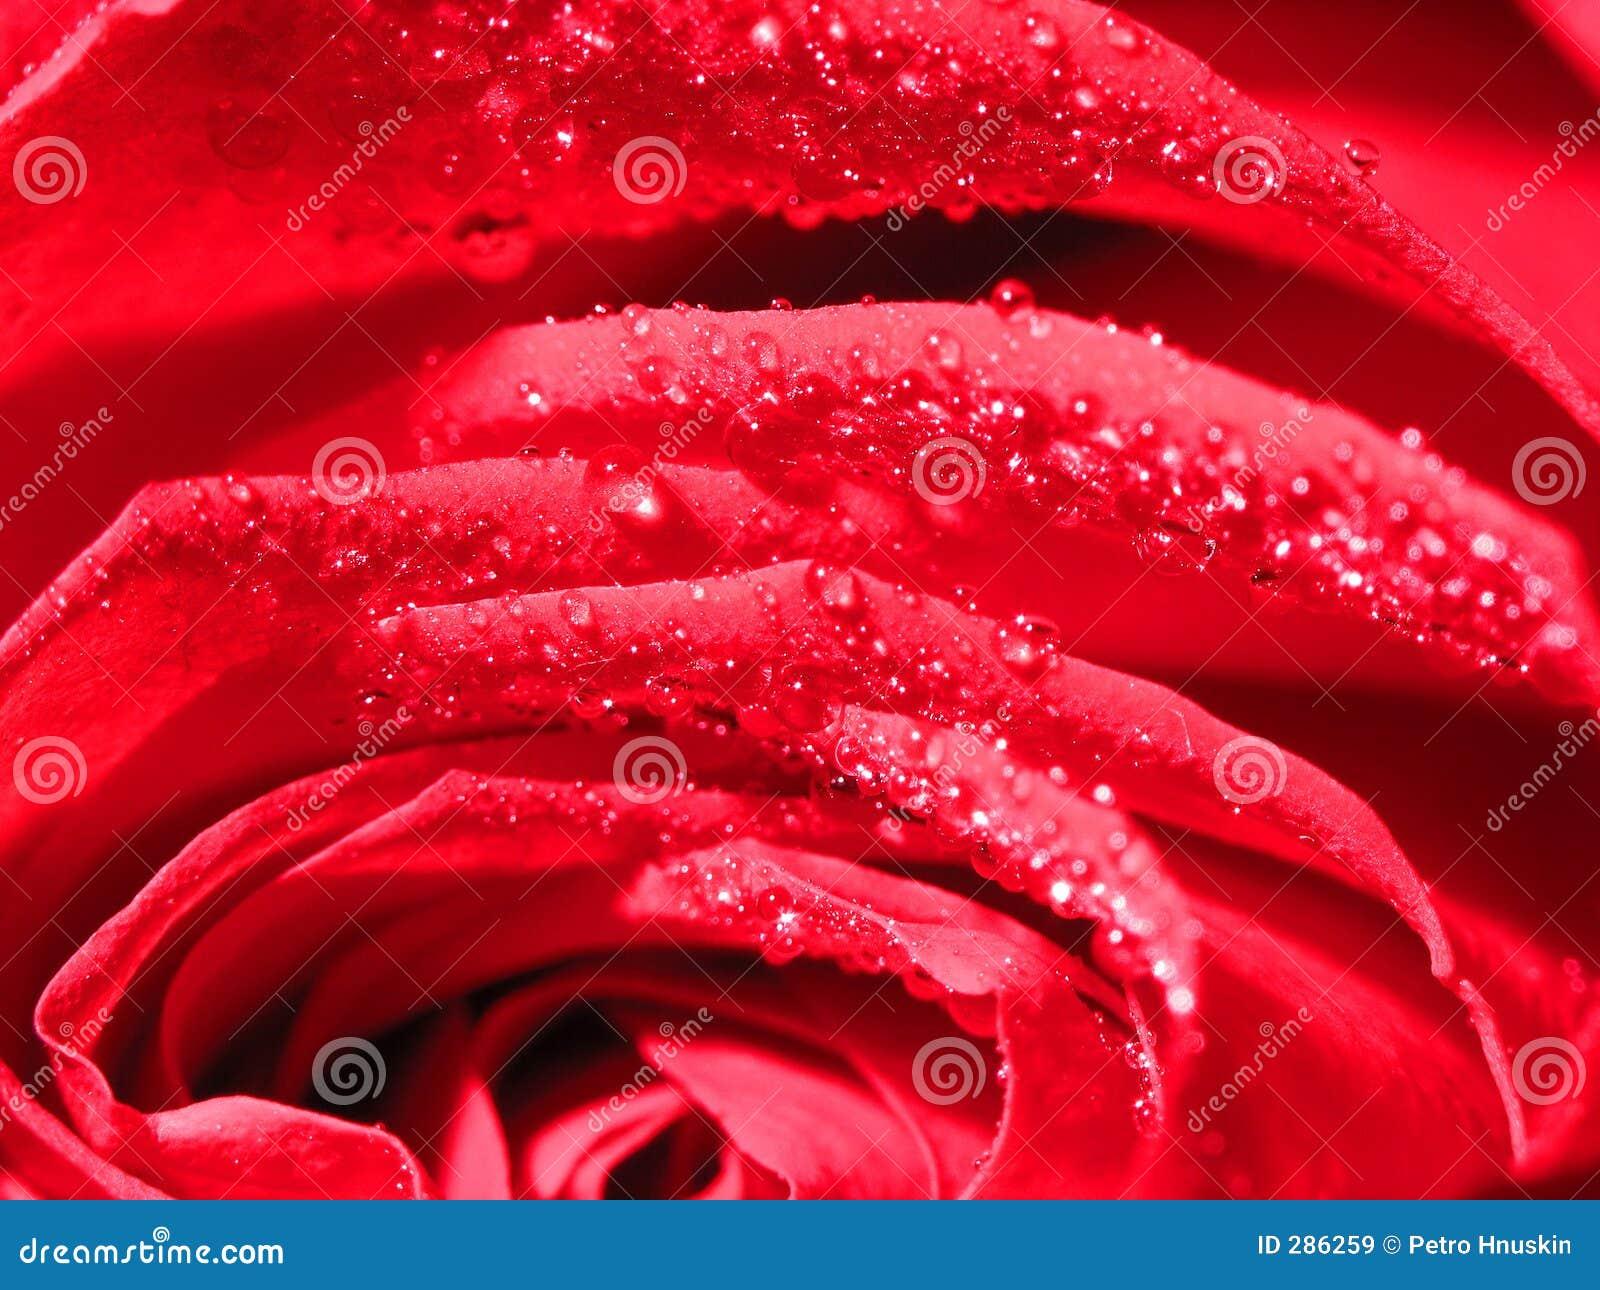 Droppar rain rose under